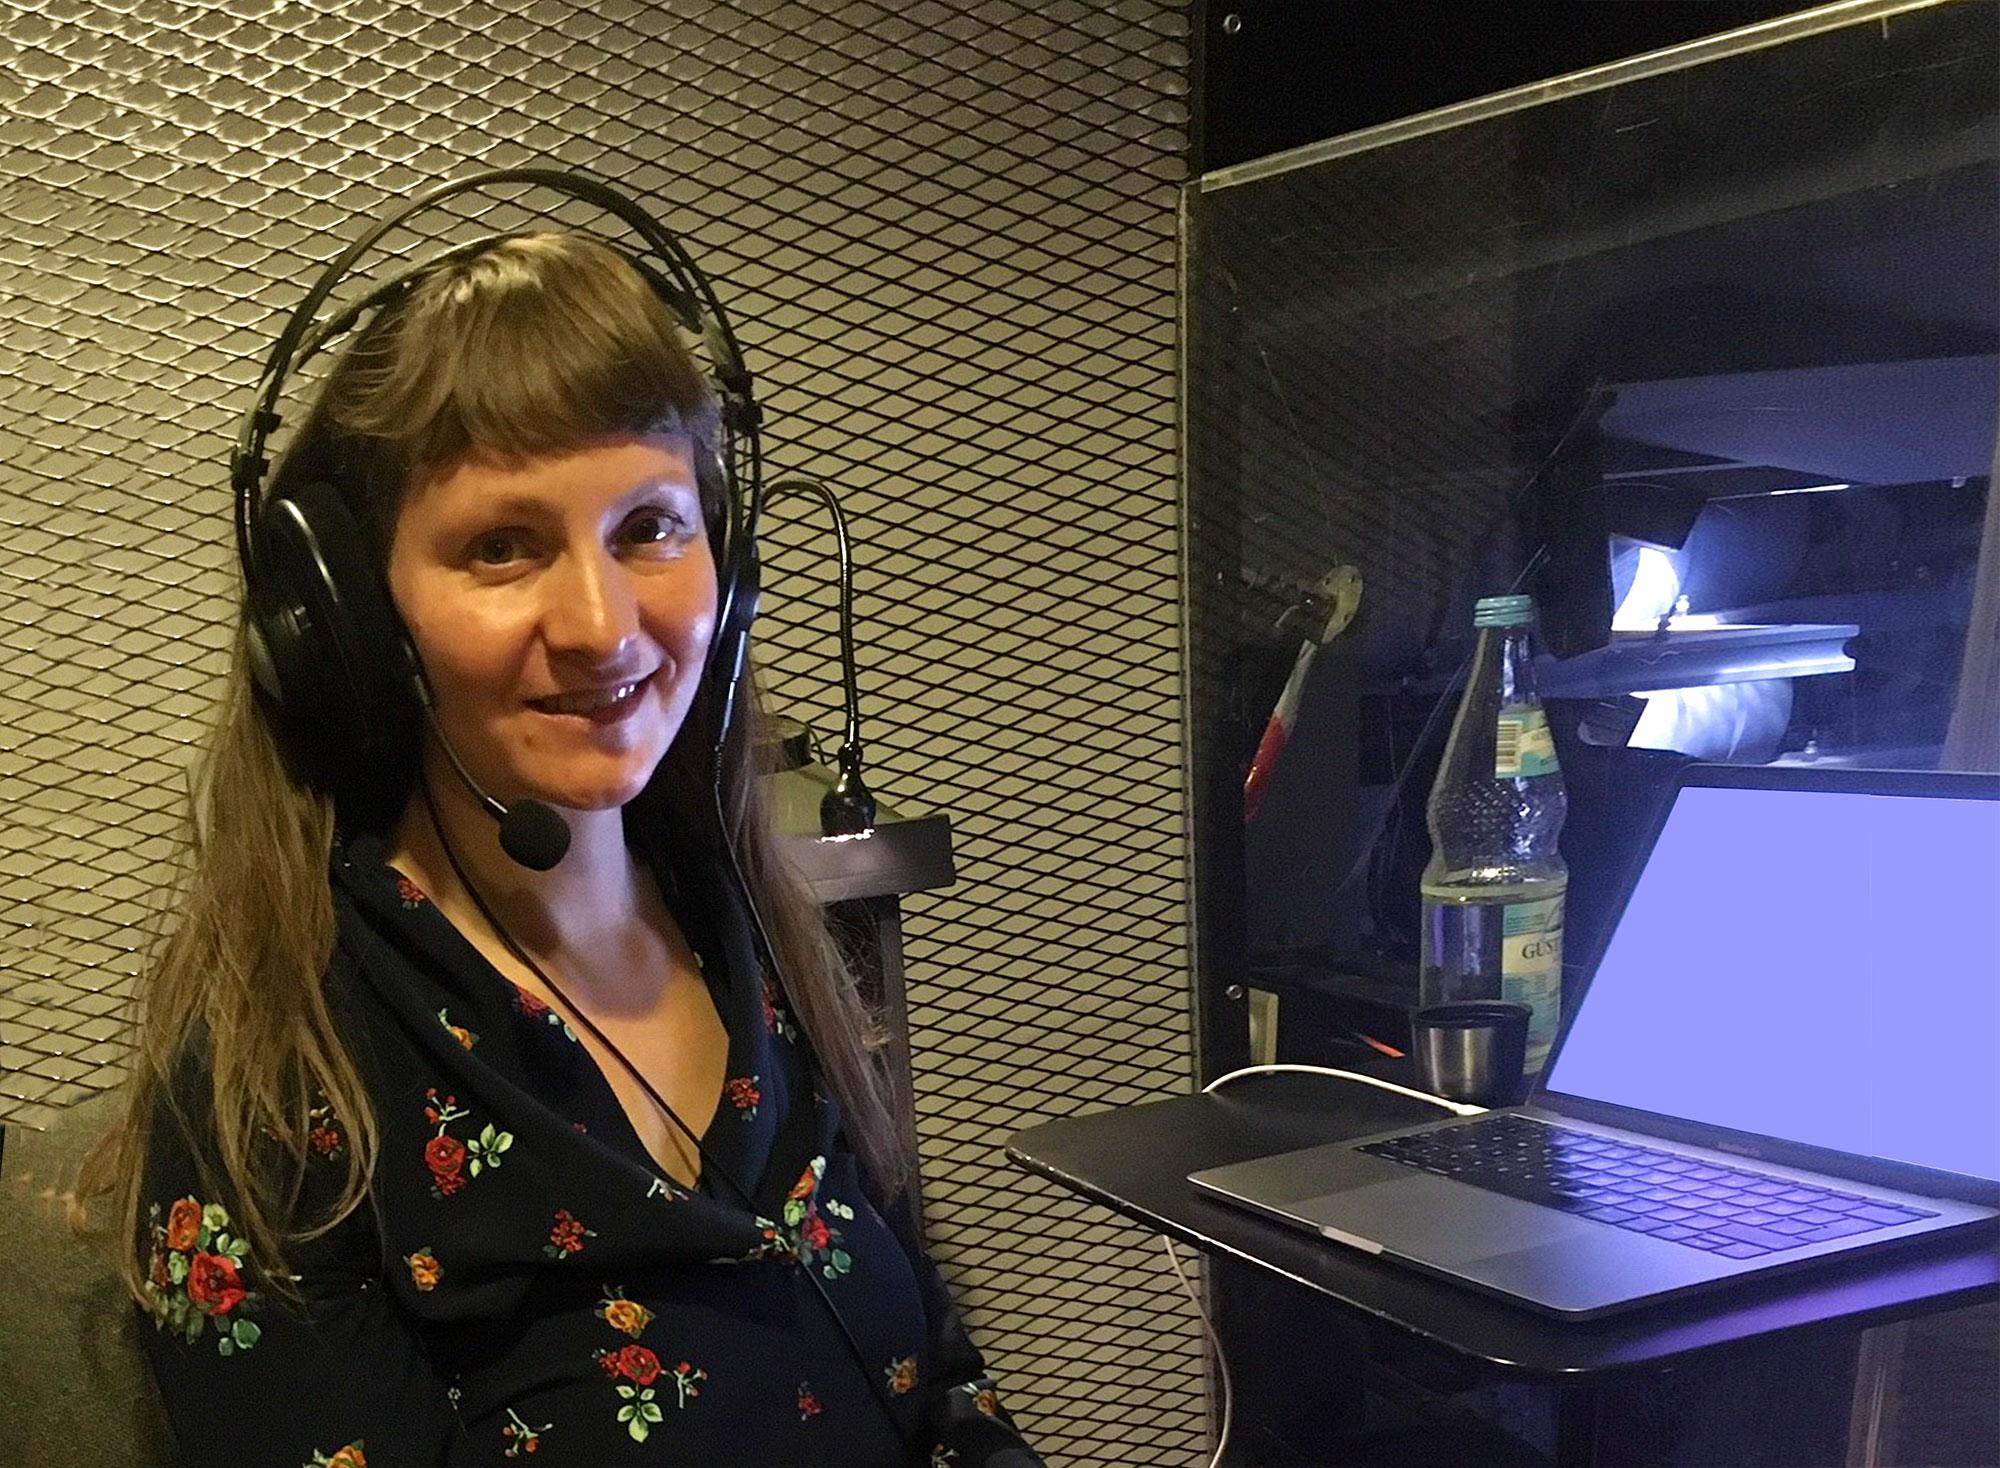 Die Audiodeskriptorin Anke Nicolai ist in der Sprecherkabine des Friedrichstadtpalastes zu sehen, im Hintergrund befindet sich ein goldglänzendes Metallgitter. Sie sitzt mit Kopfhörer und Headset vor ihrem aufgeklappten Laptop und lächelt in die Kamera. Sie trägt eine dunkelblaue Bluse mit Blütenmuster.